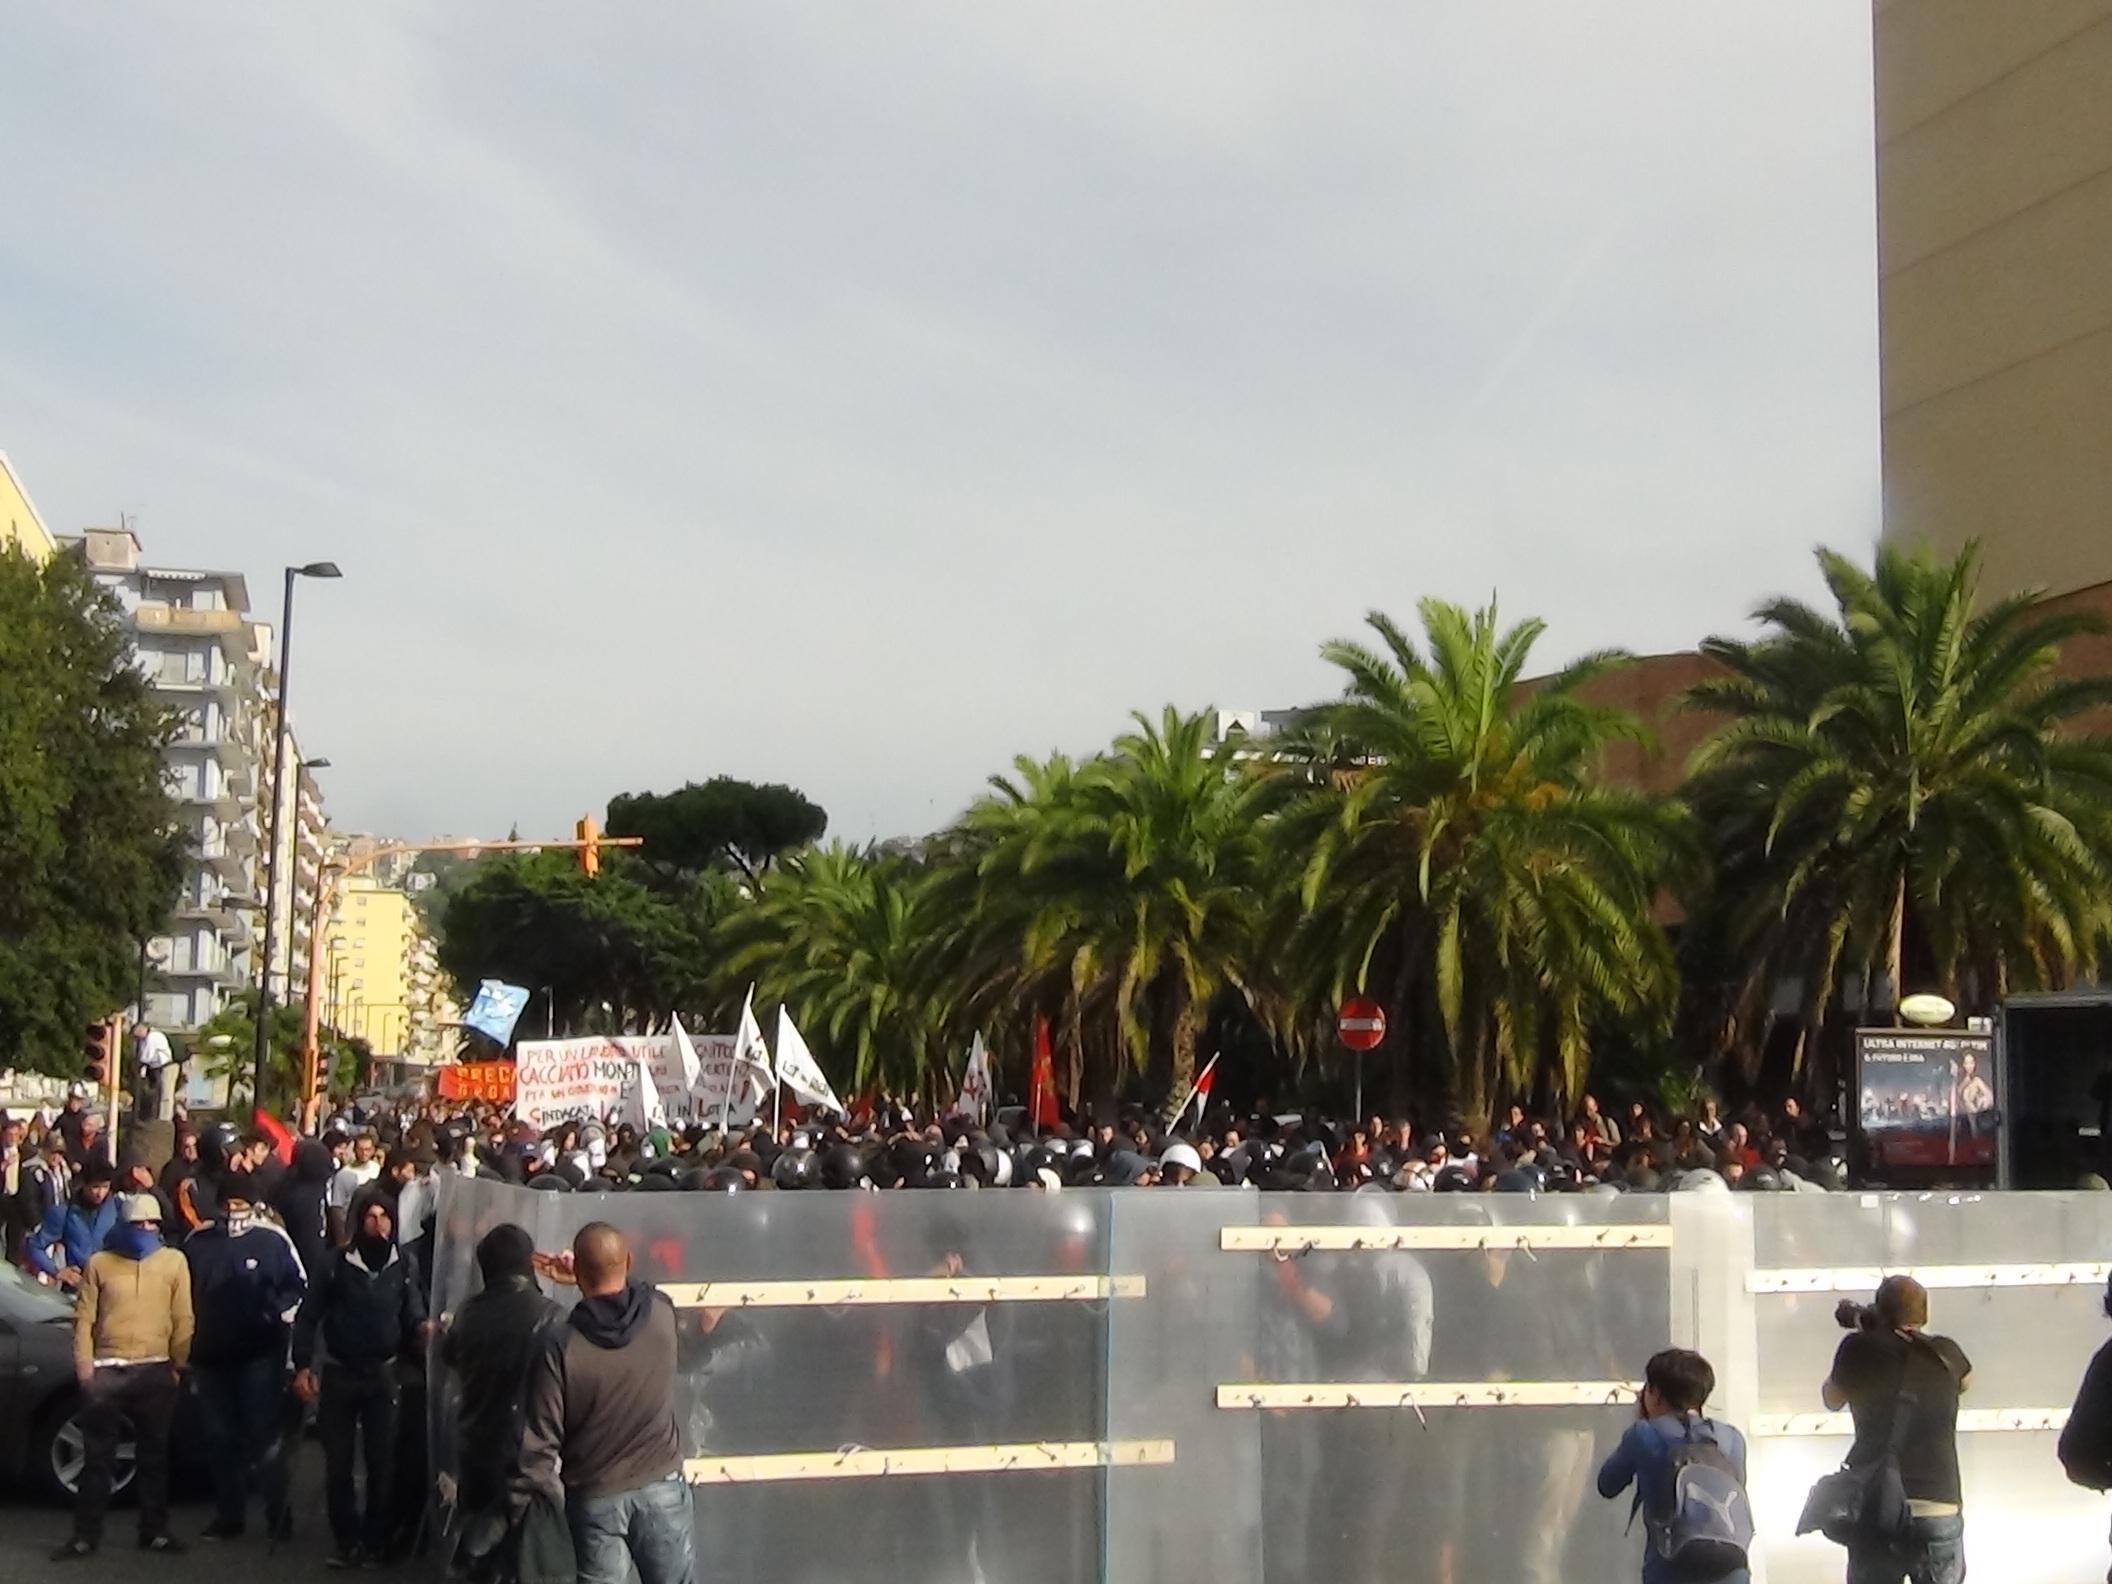 Immagini integrali della manifestazione anti-Fornero a Fuorigrotta, scontri e aggressione a vigili urbani